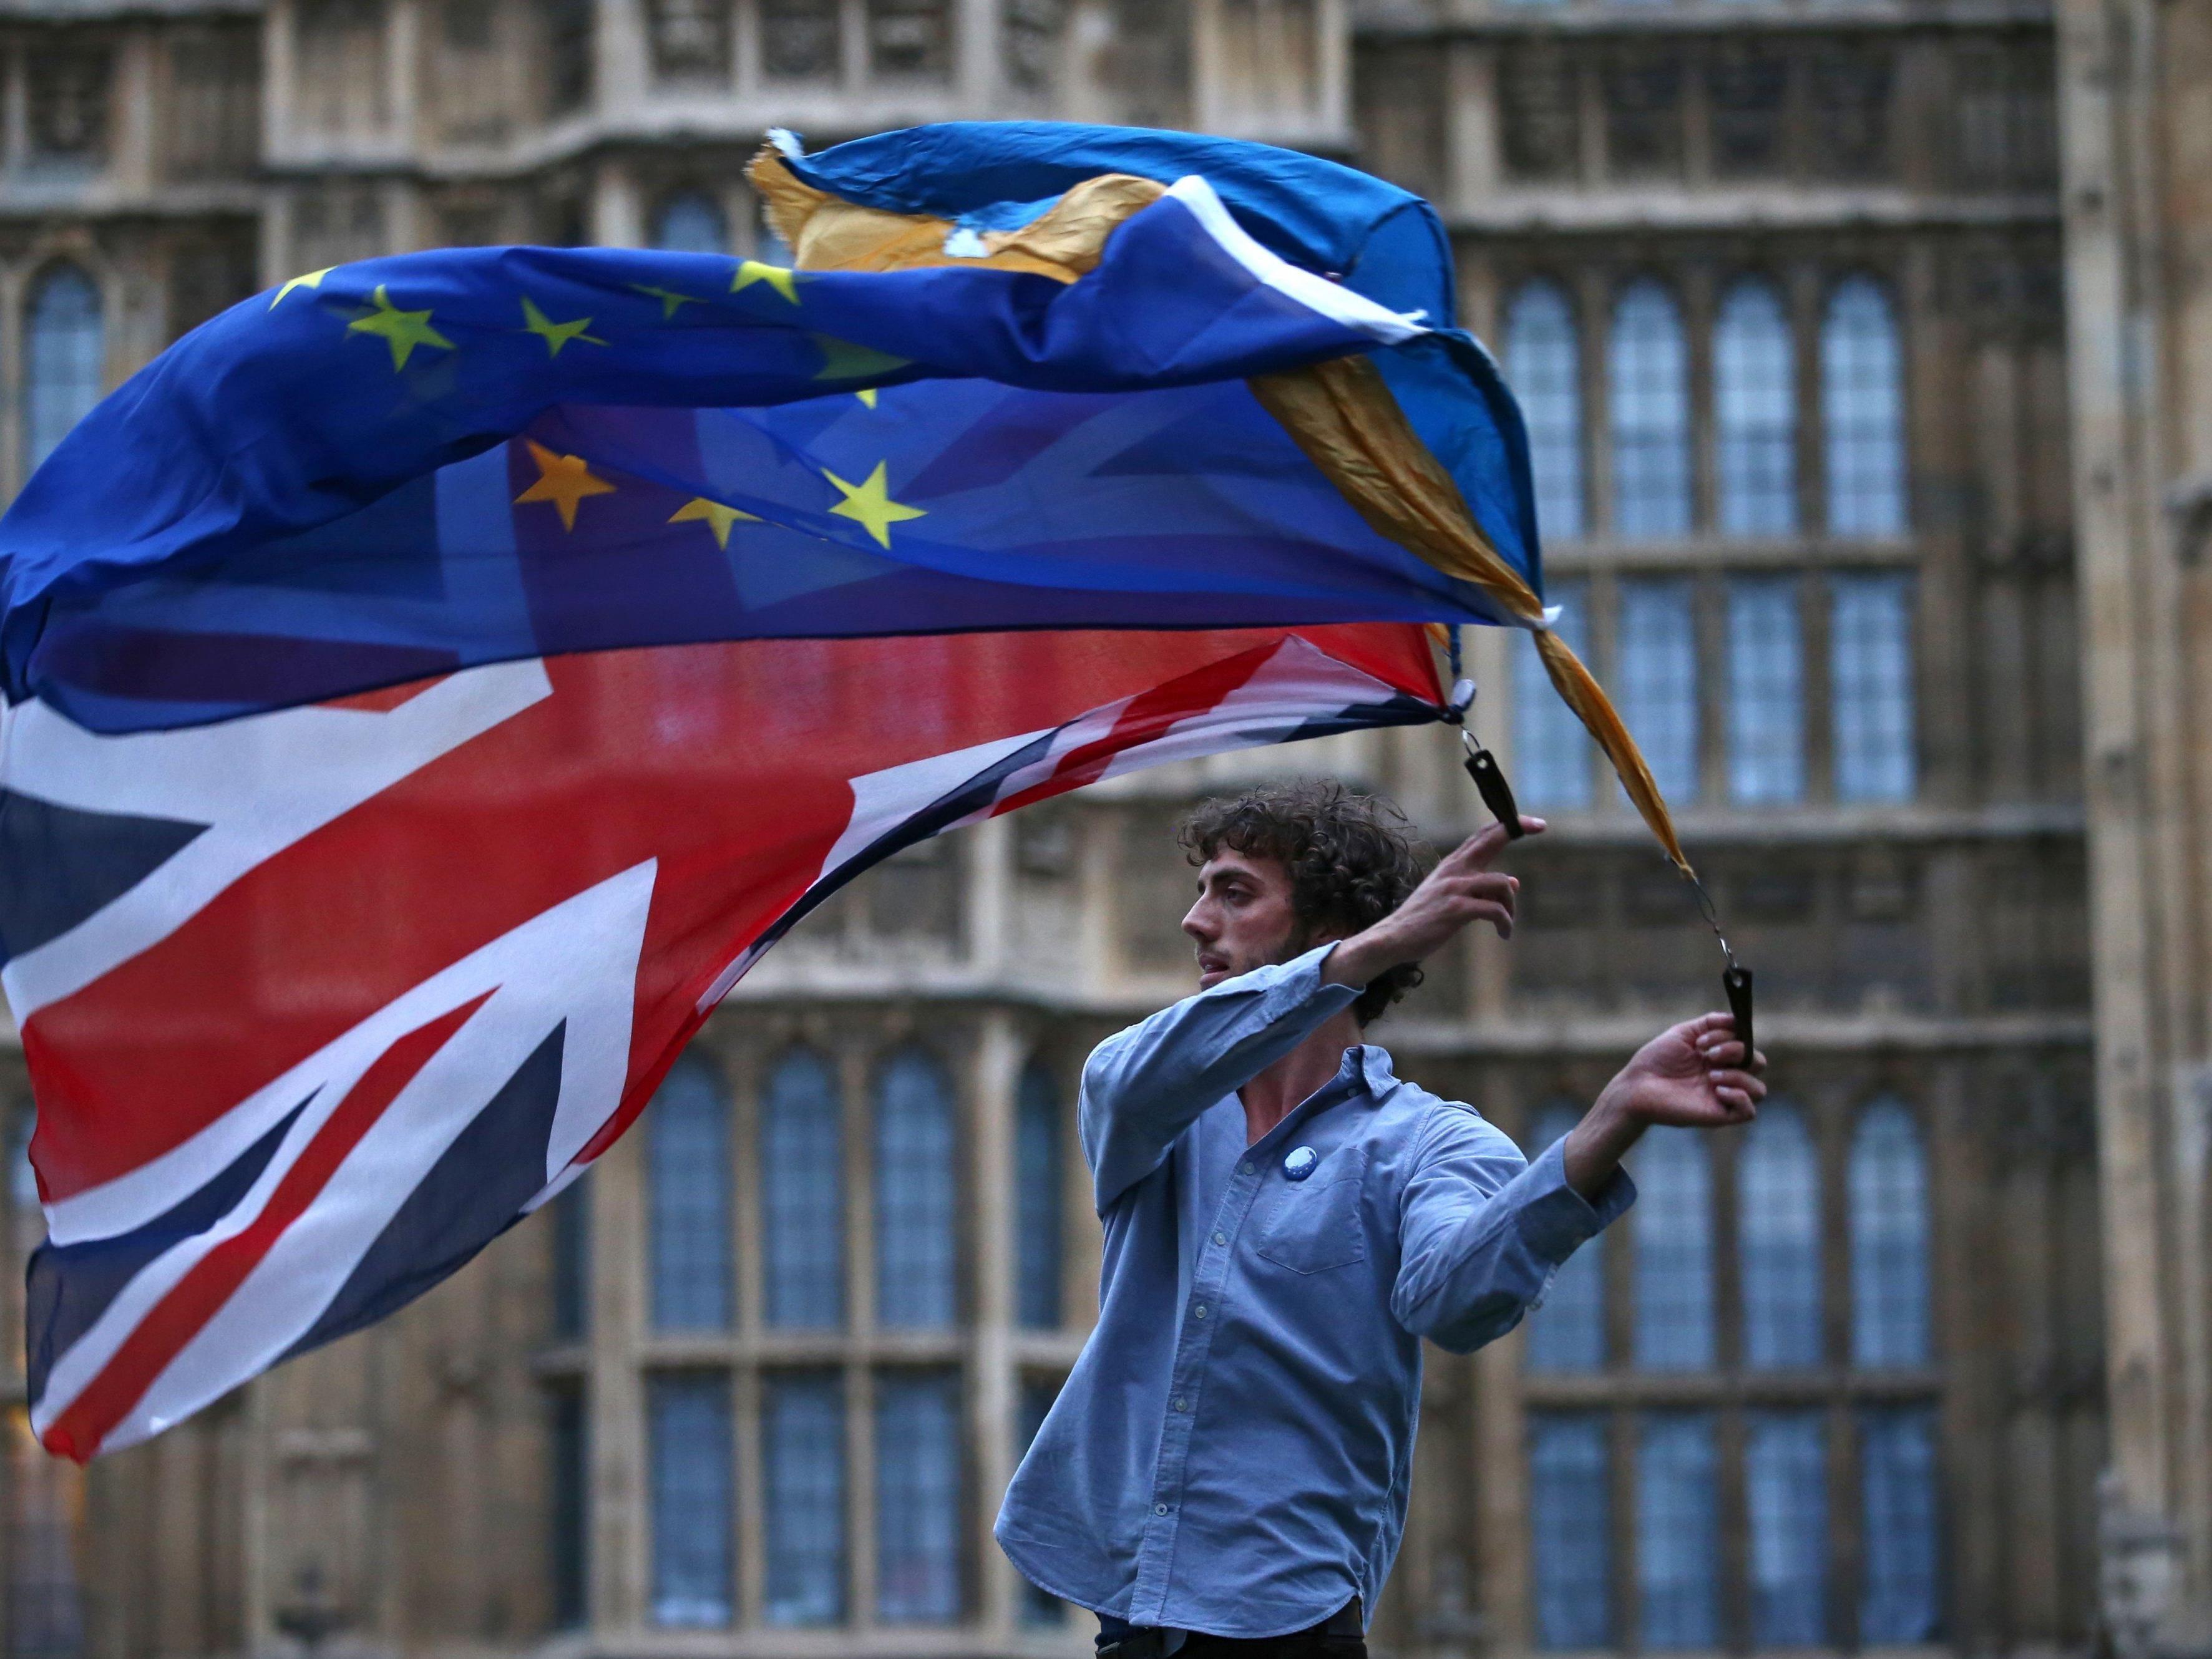 Nach dem Brexit sind viele Briten verunsichert.